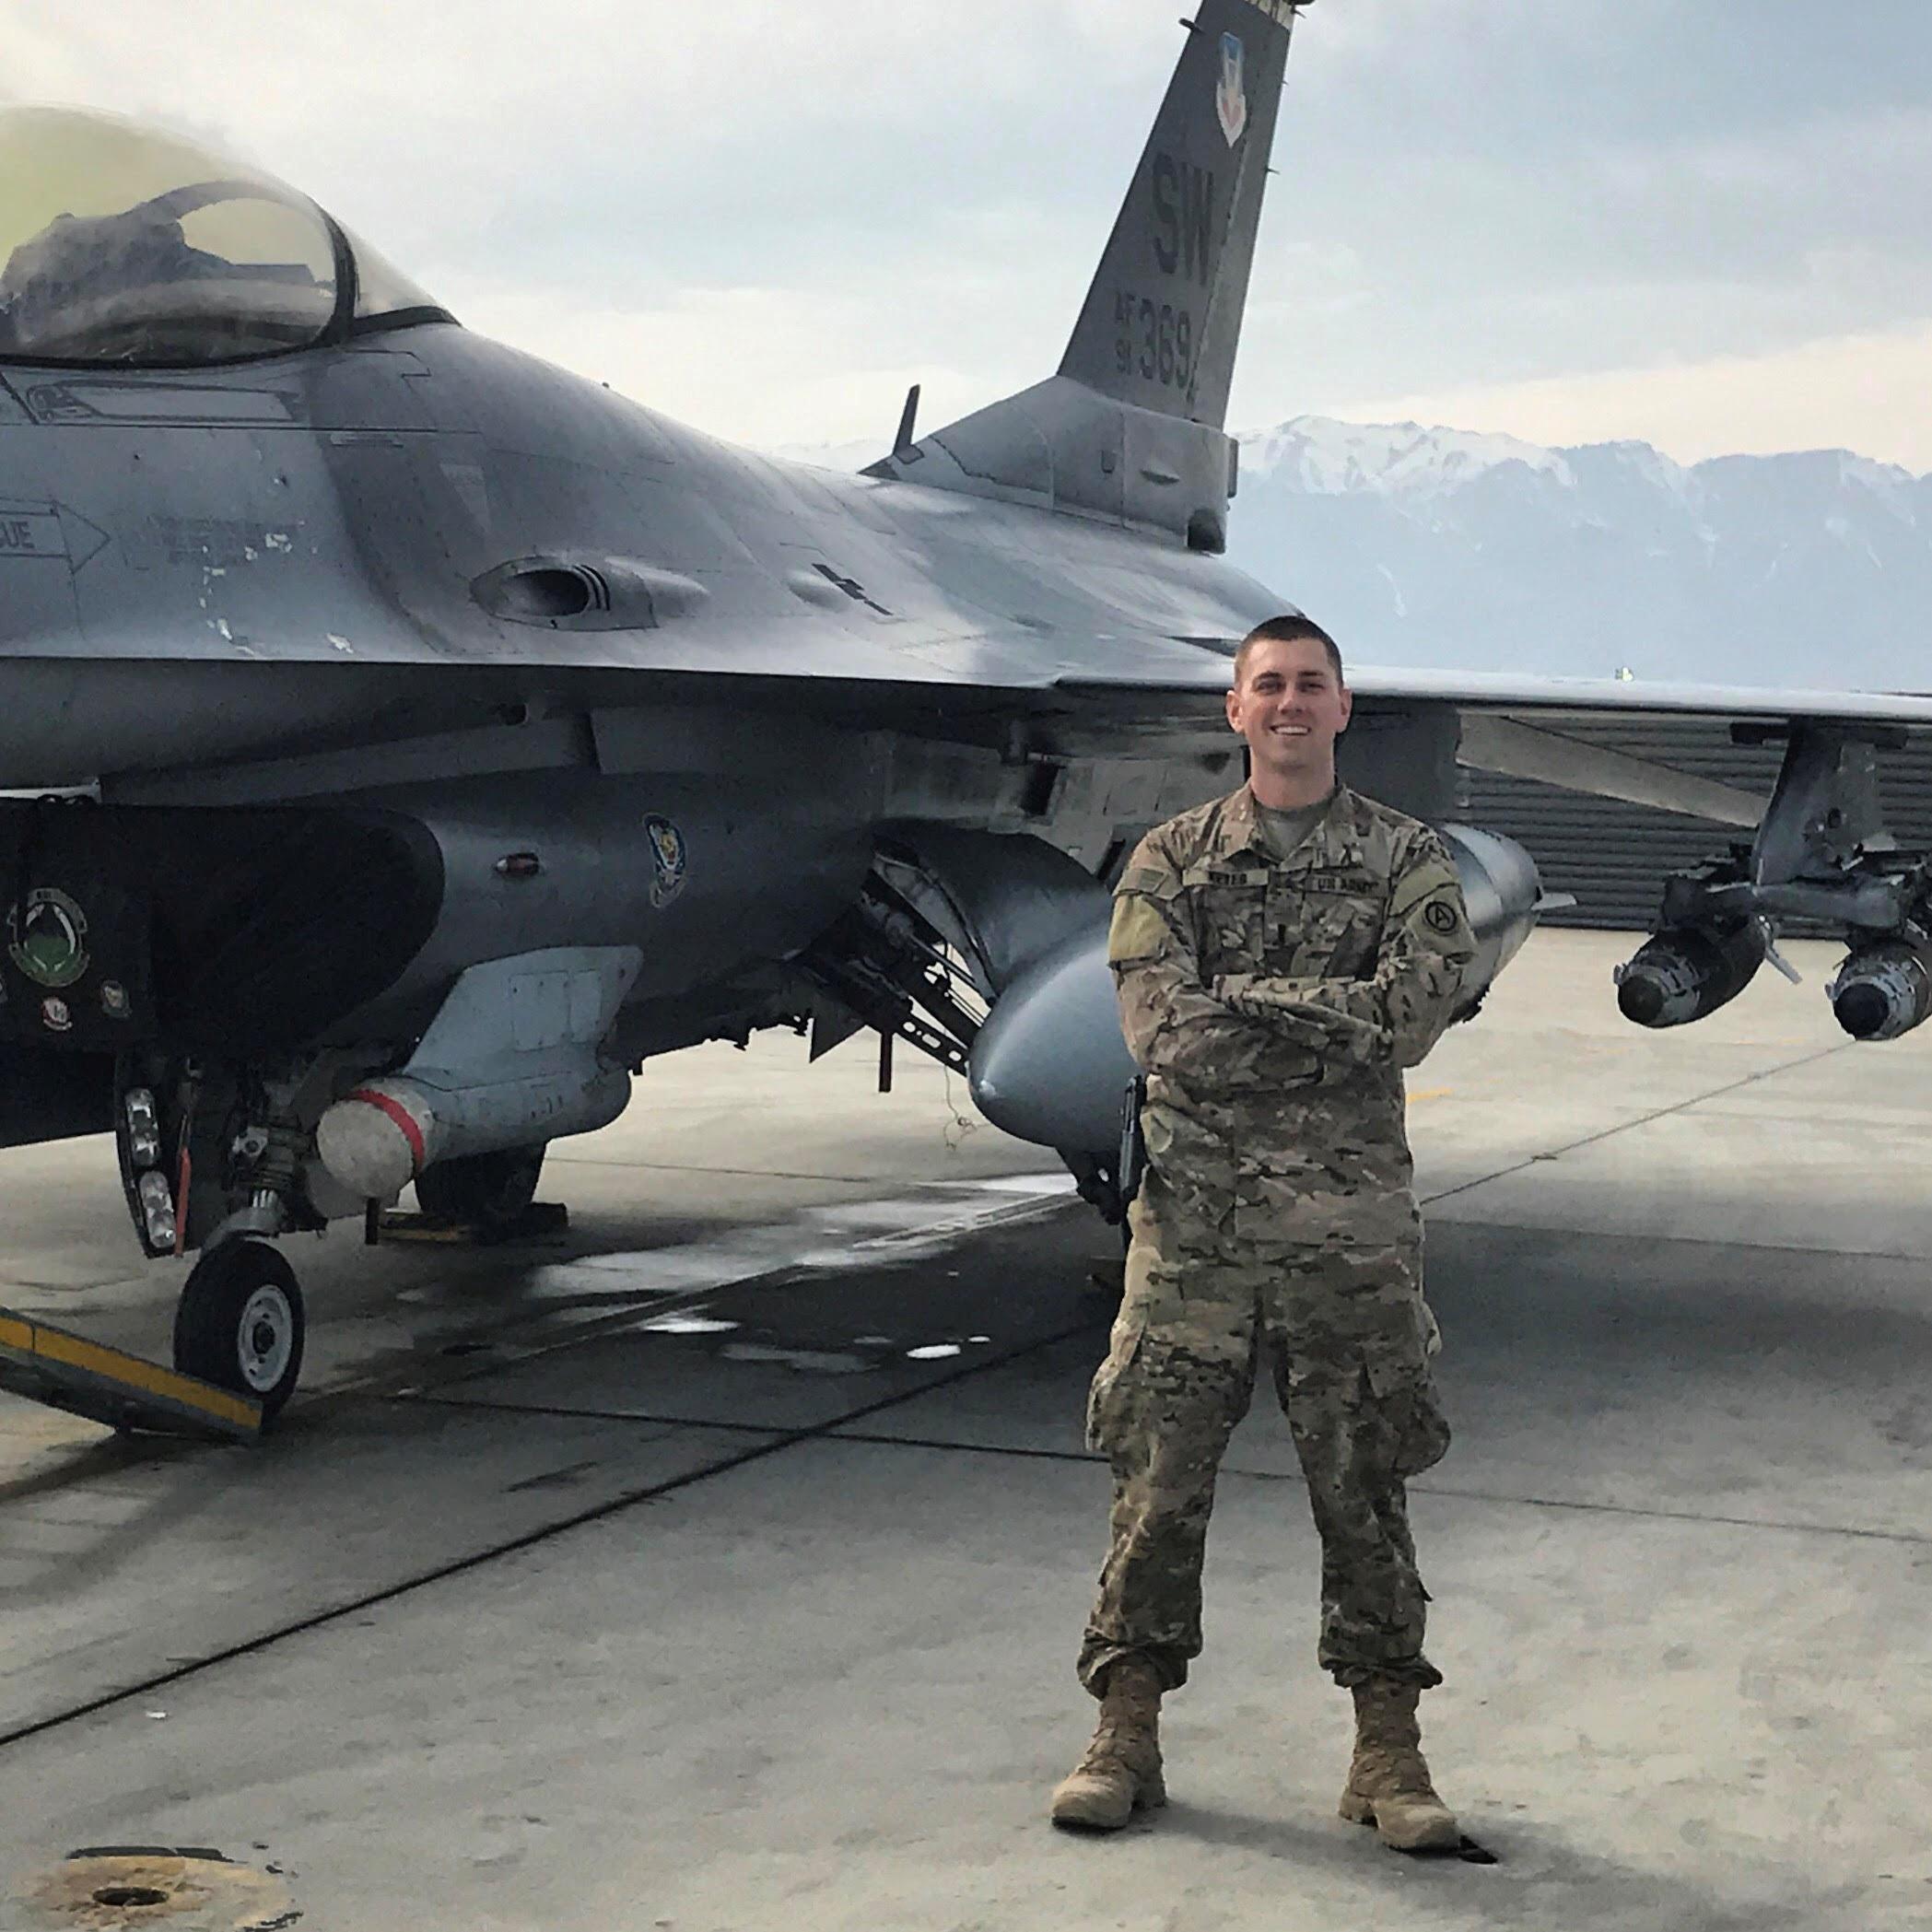 U.S. Armed Forces F-16 - Bagram Airfield, Afghanistan